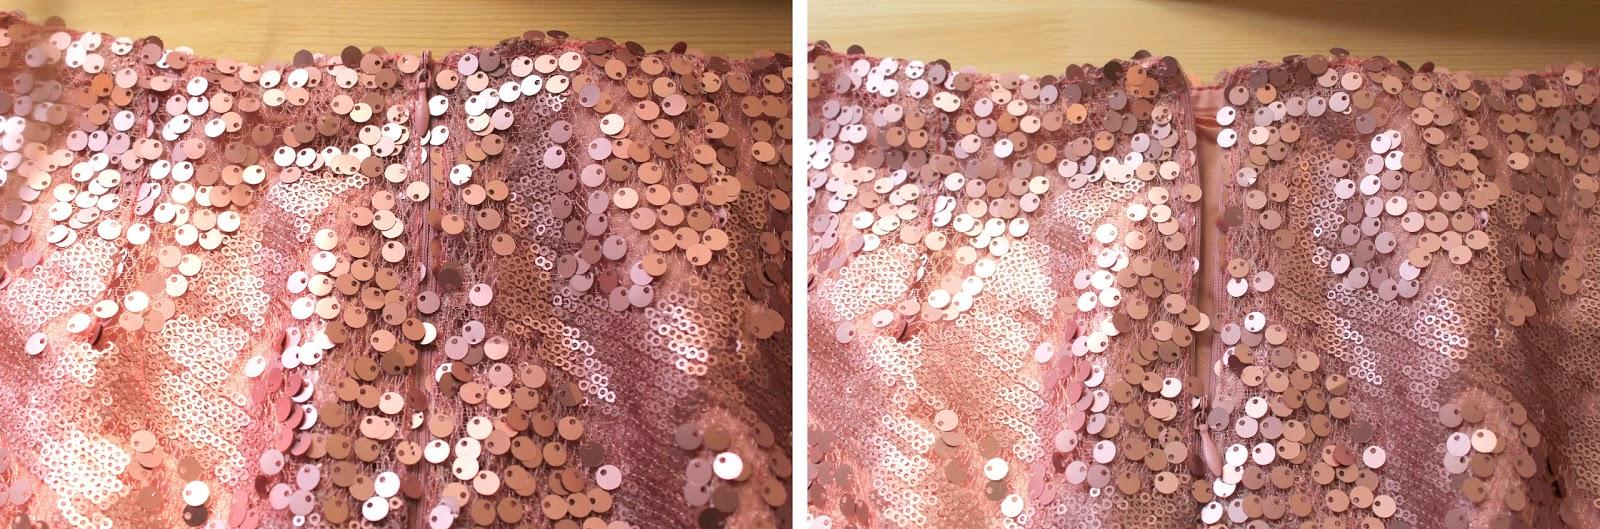 Aprender A Coser Faldas Parte 5 Cómo Coser La Cremallera De La